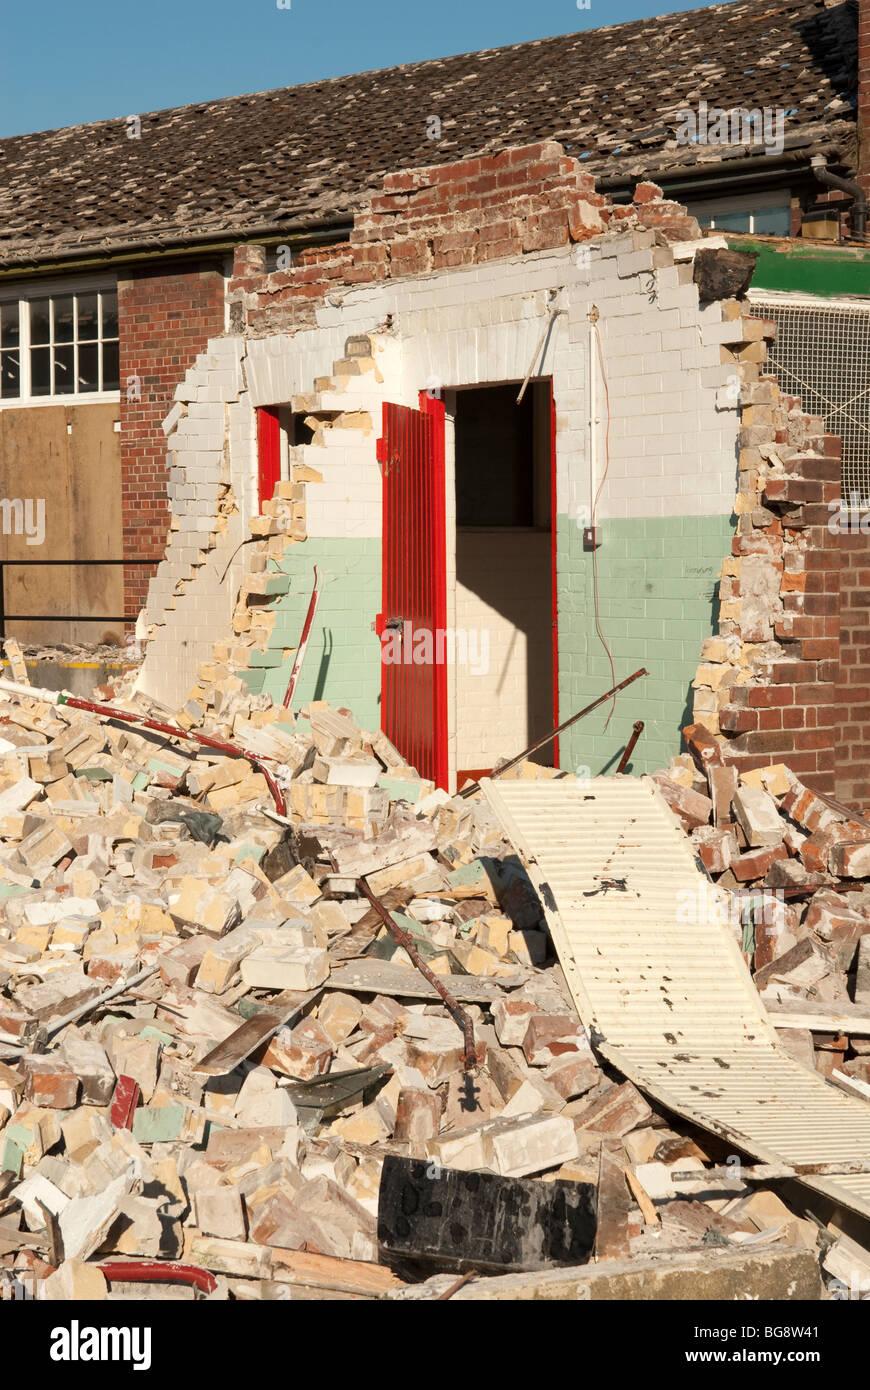 Red door and broken wall at school under demolition - Stock Image